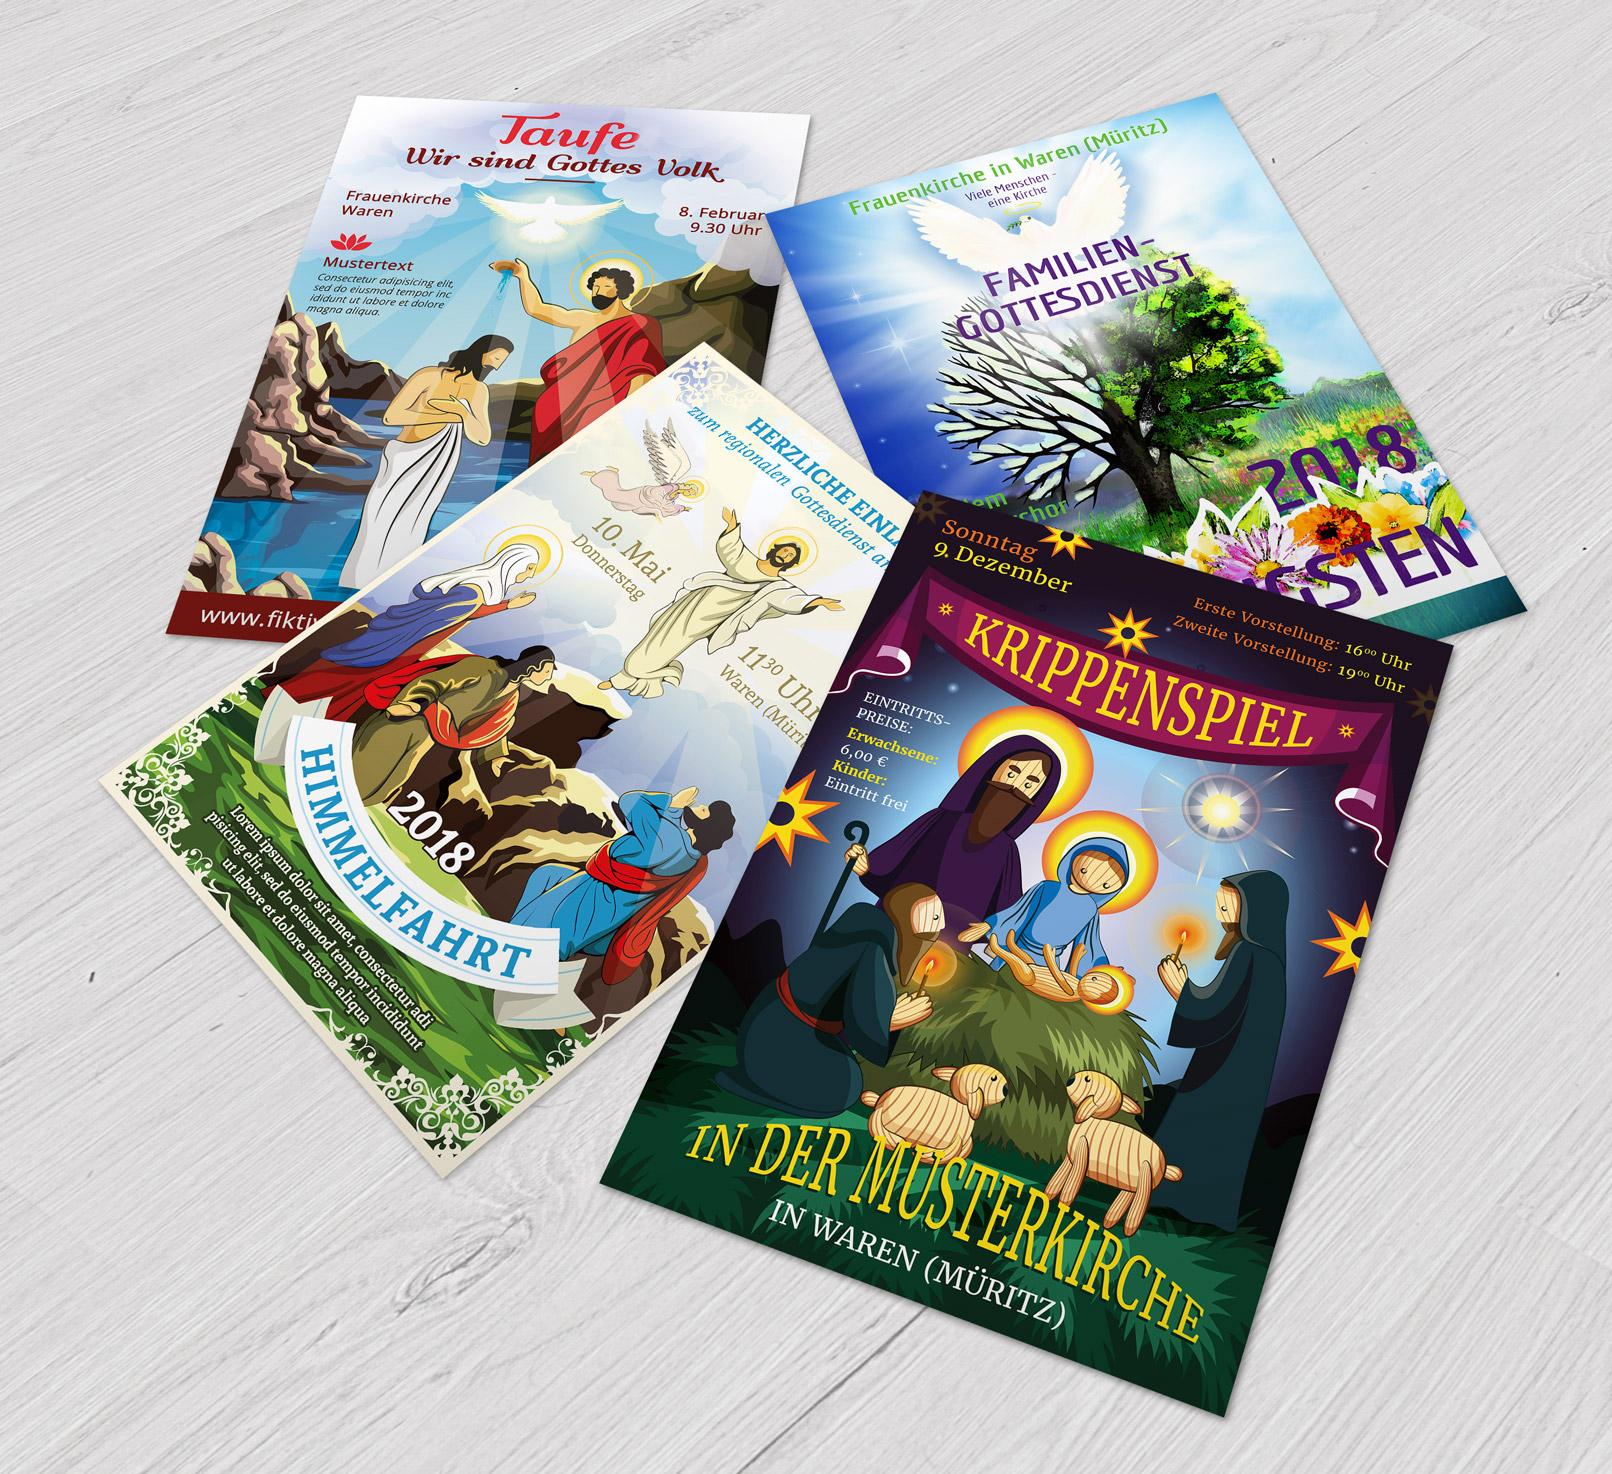 Flyer-Vorlagen für christliche Veranstaltungen, Kirche